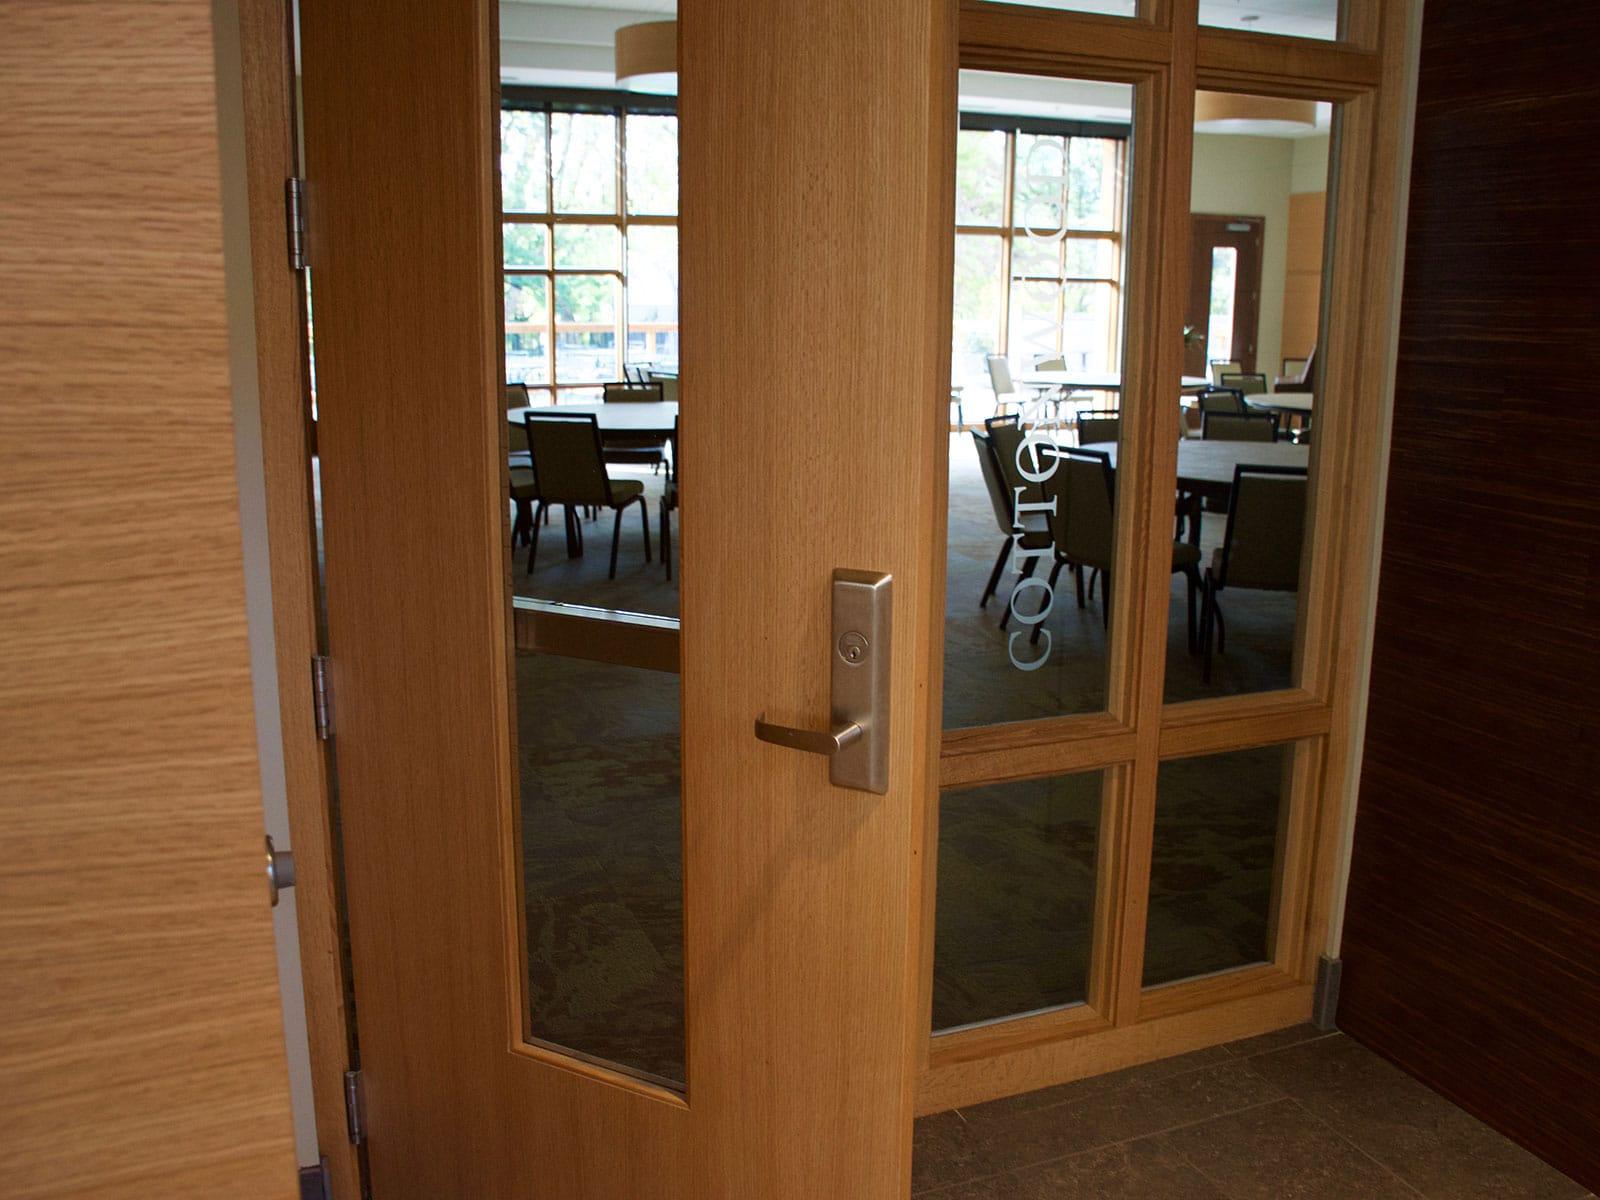 Laminated Plastic Doors